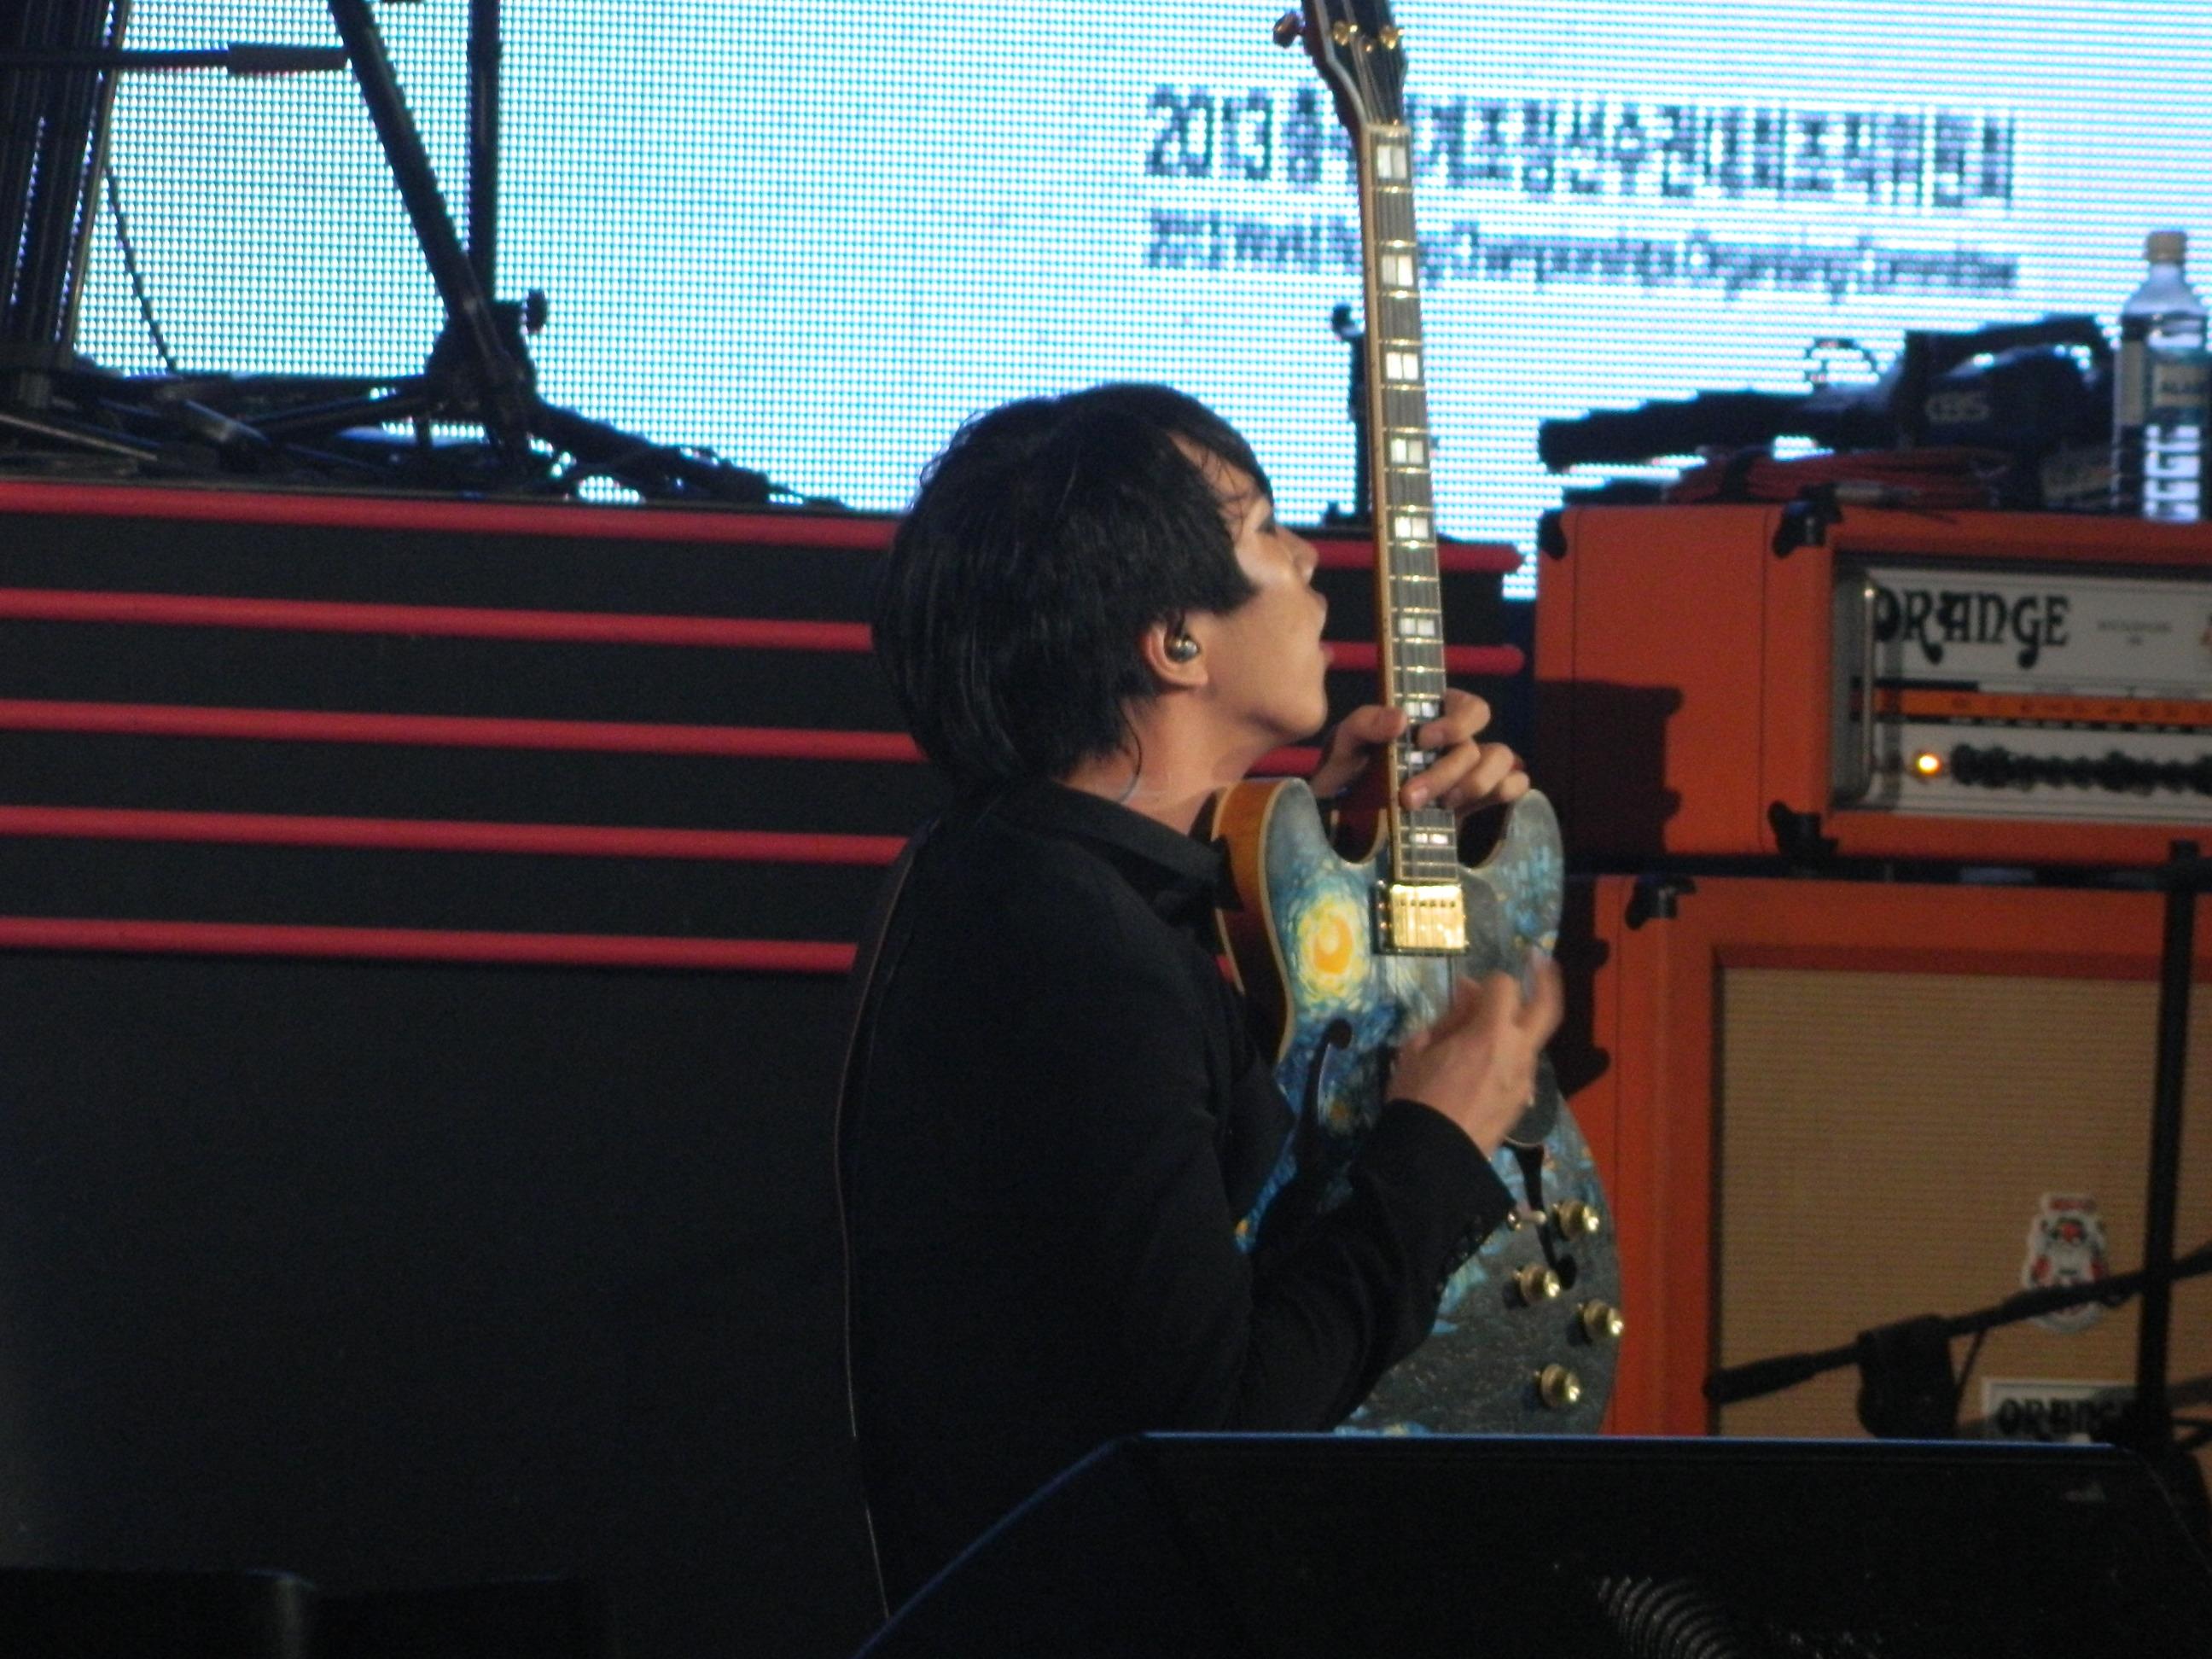 탑밴드 시즌2 - 충주 패자부활전 후기 <네임드란?>